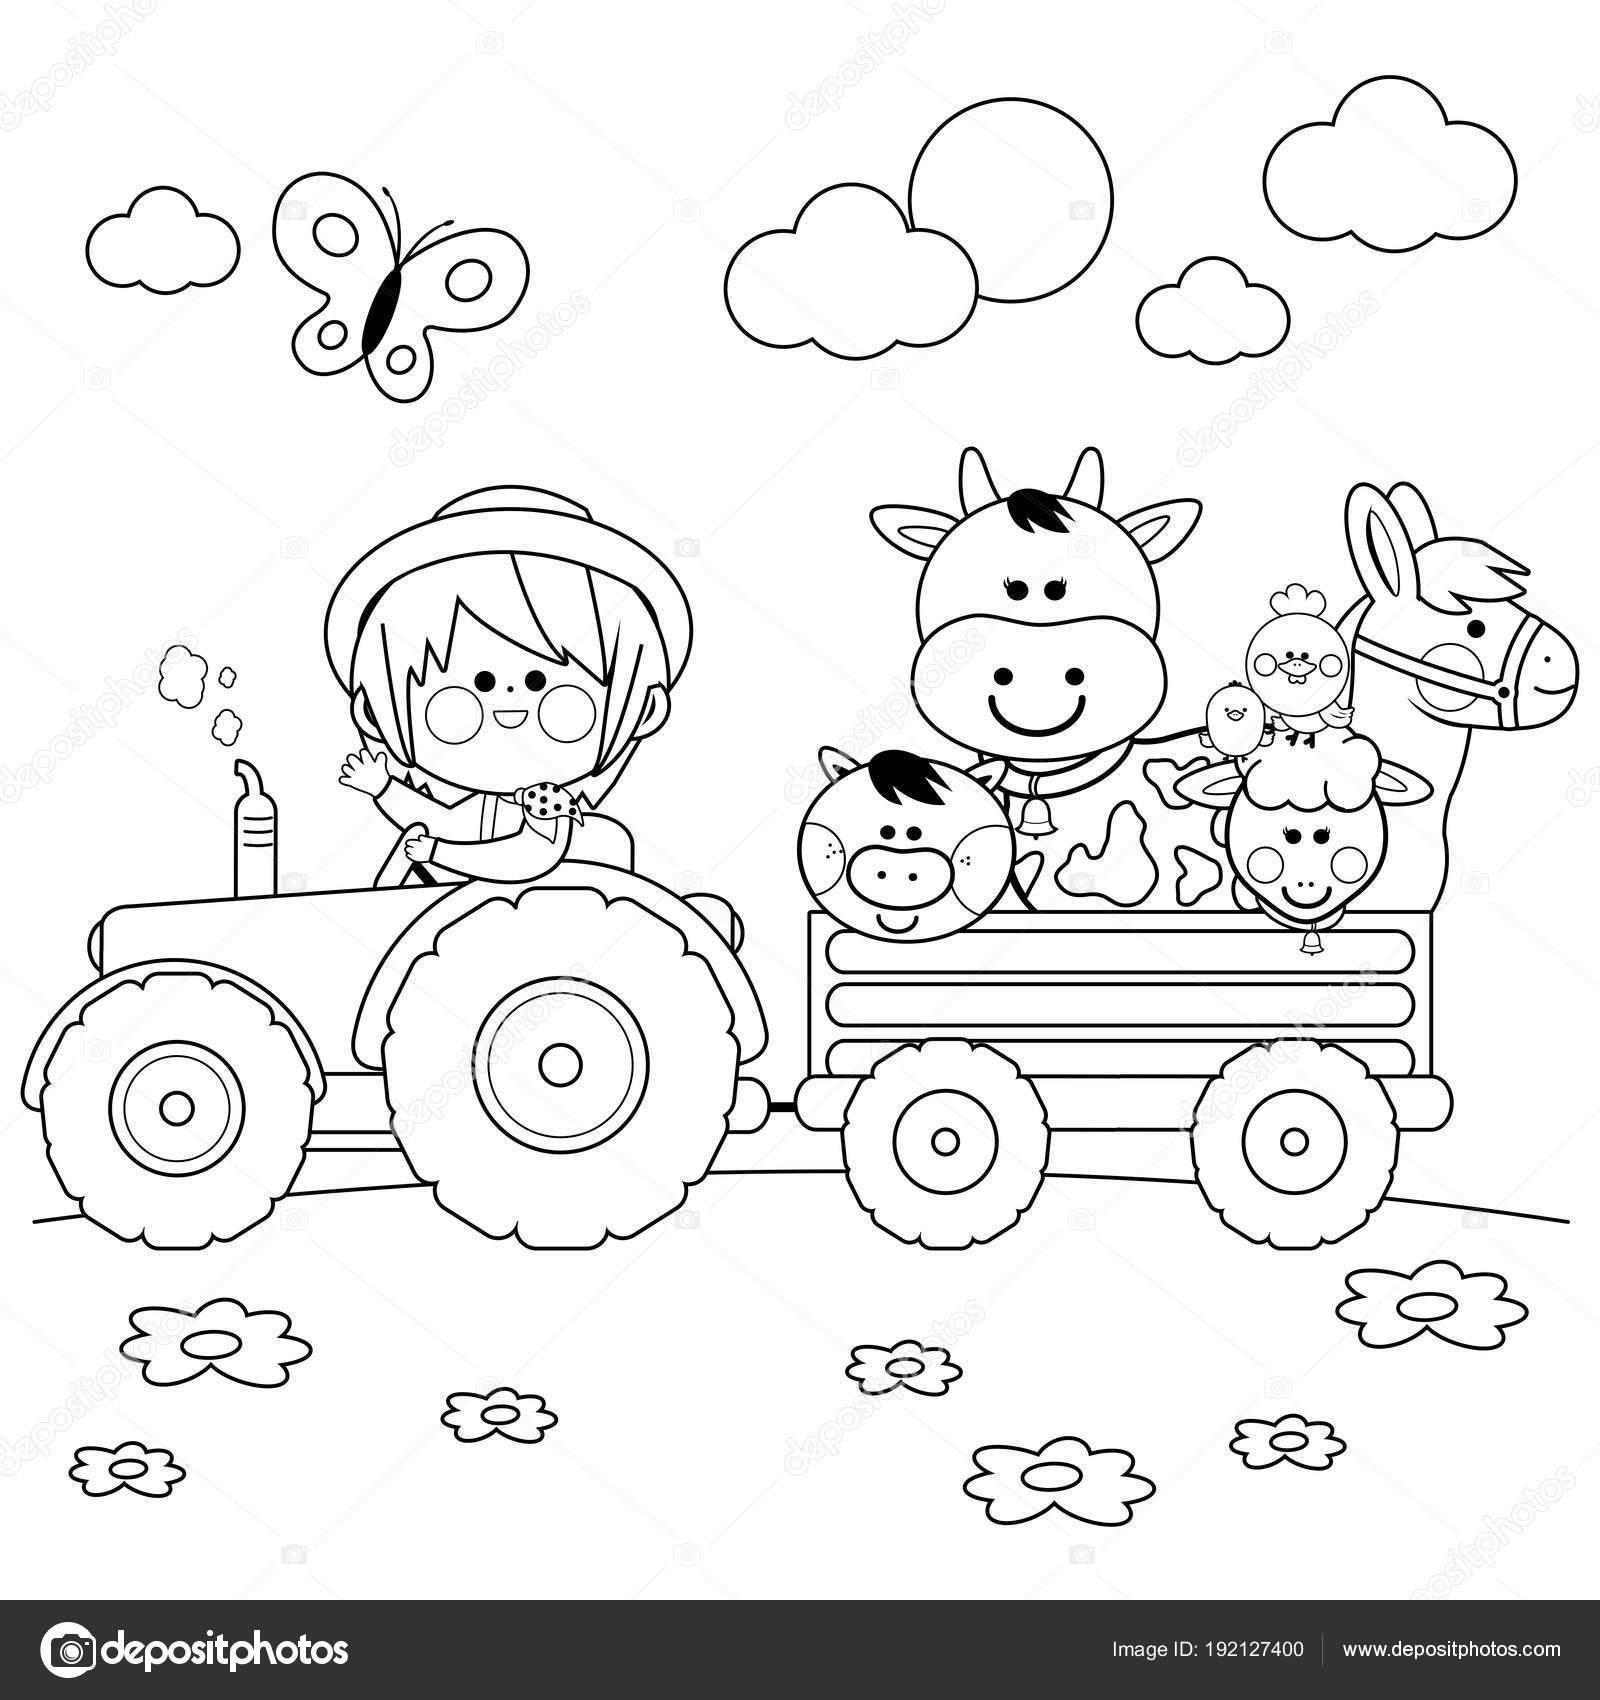 Gratis Kleurplaten Tractor.Boer Jongen Een Trekker Rijden En Uitvoering Van Boerderijdieren